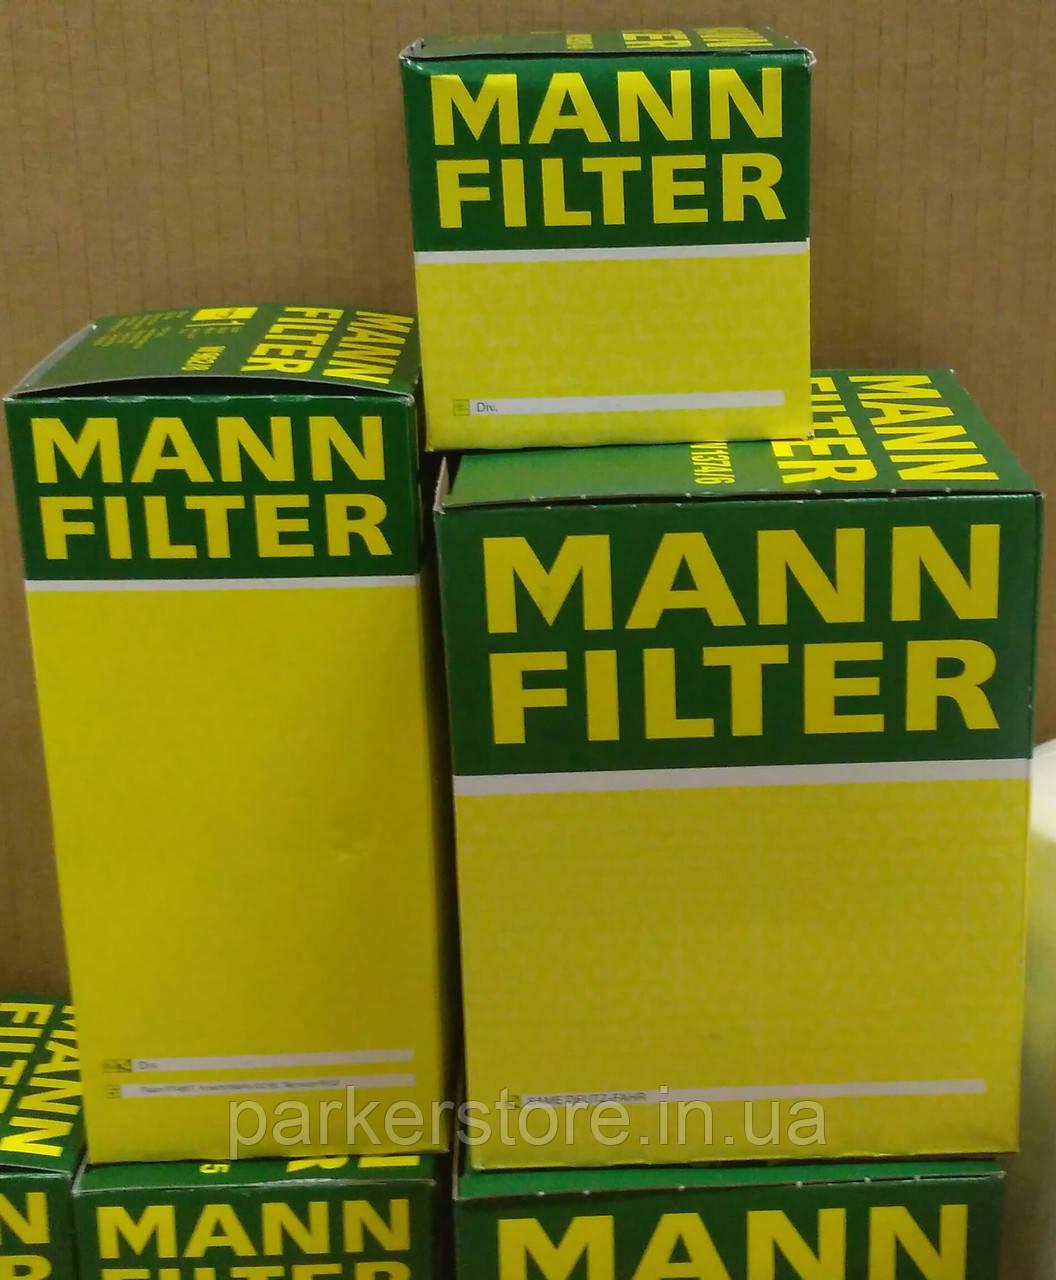 MANN FILTER / Воздушный фильтр / C 15 248 / C15248